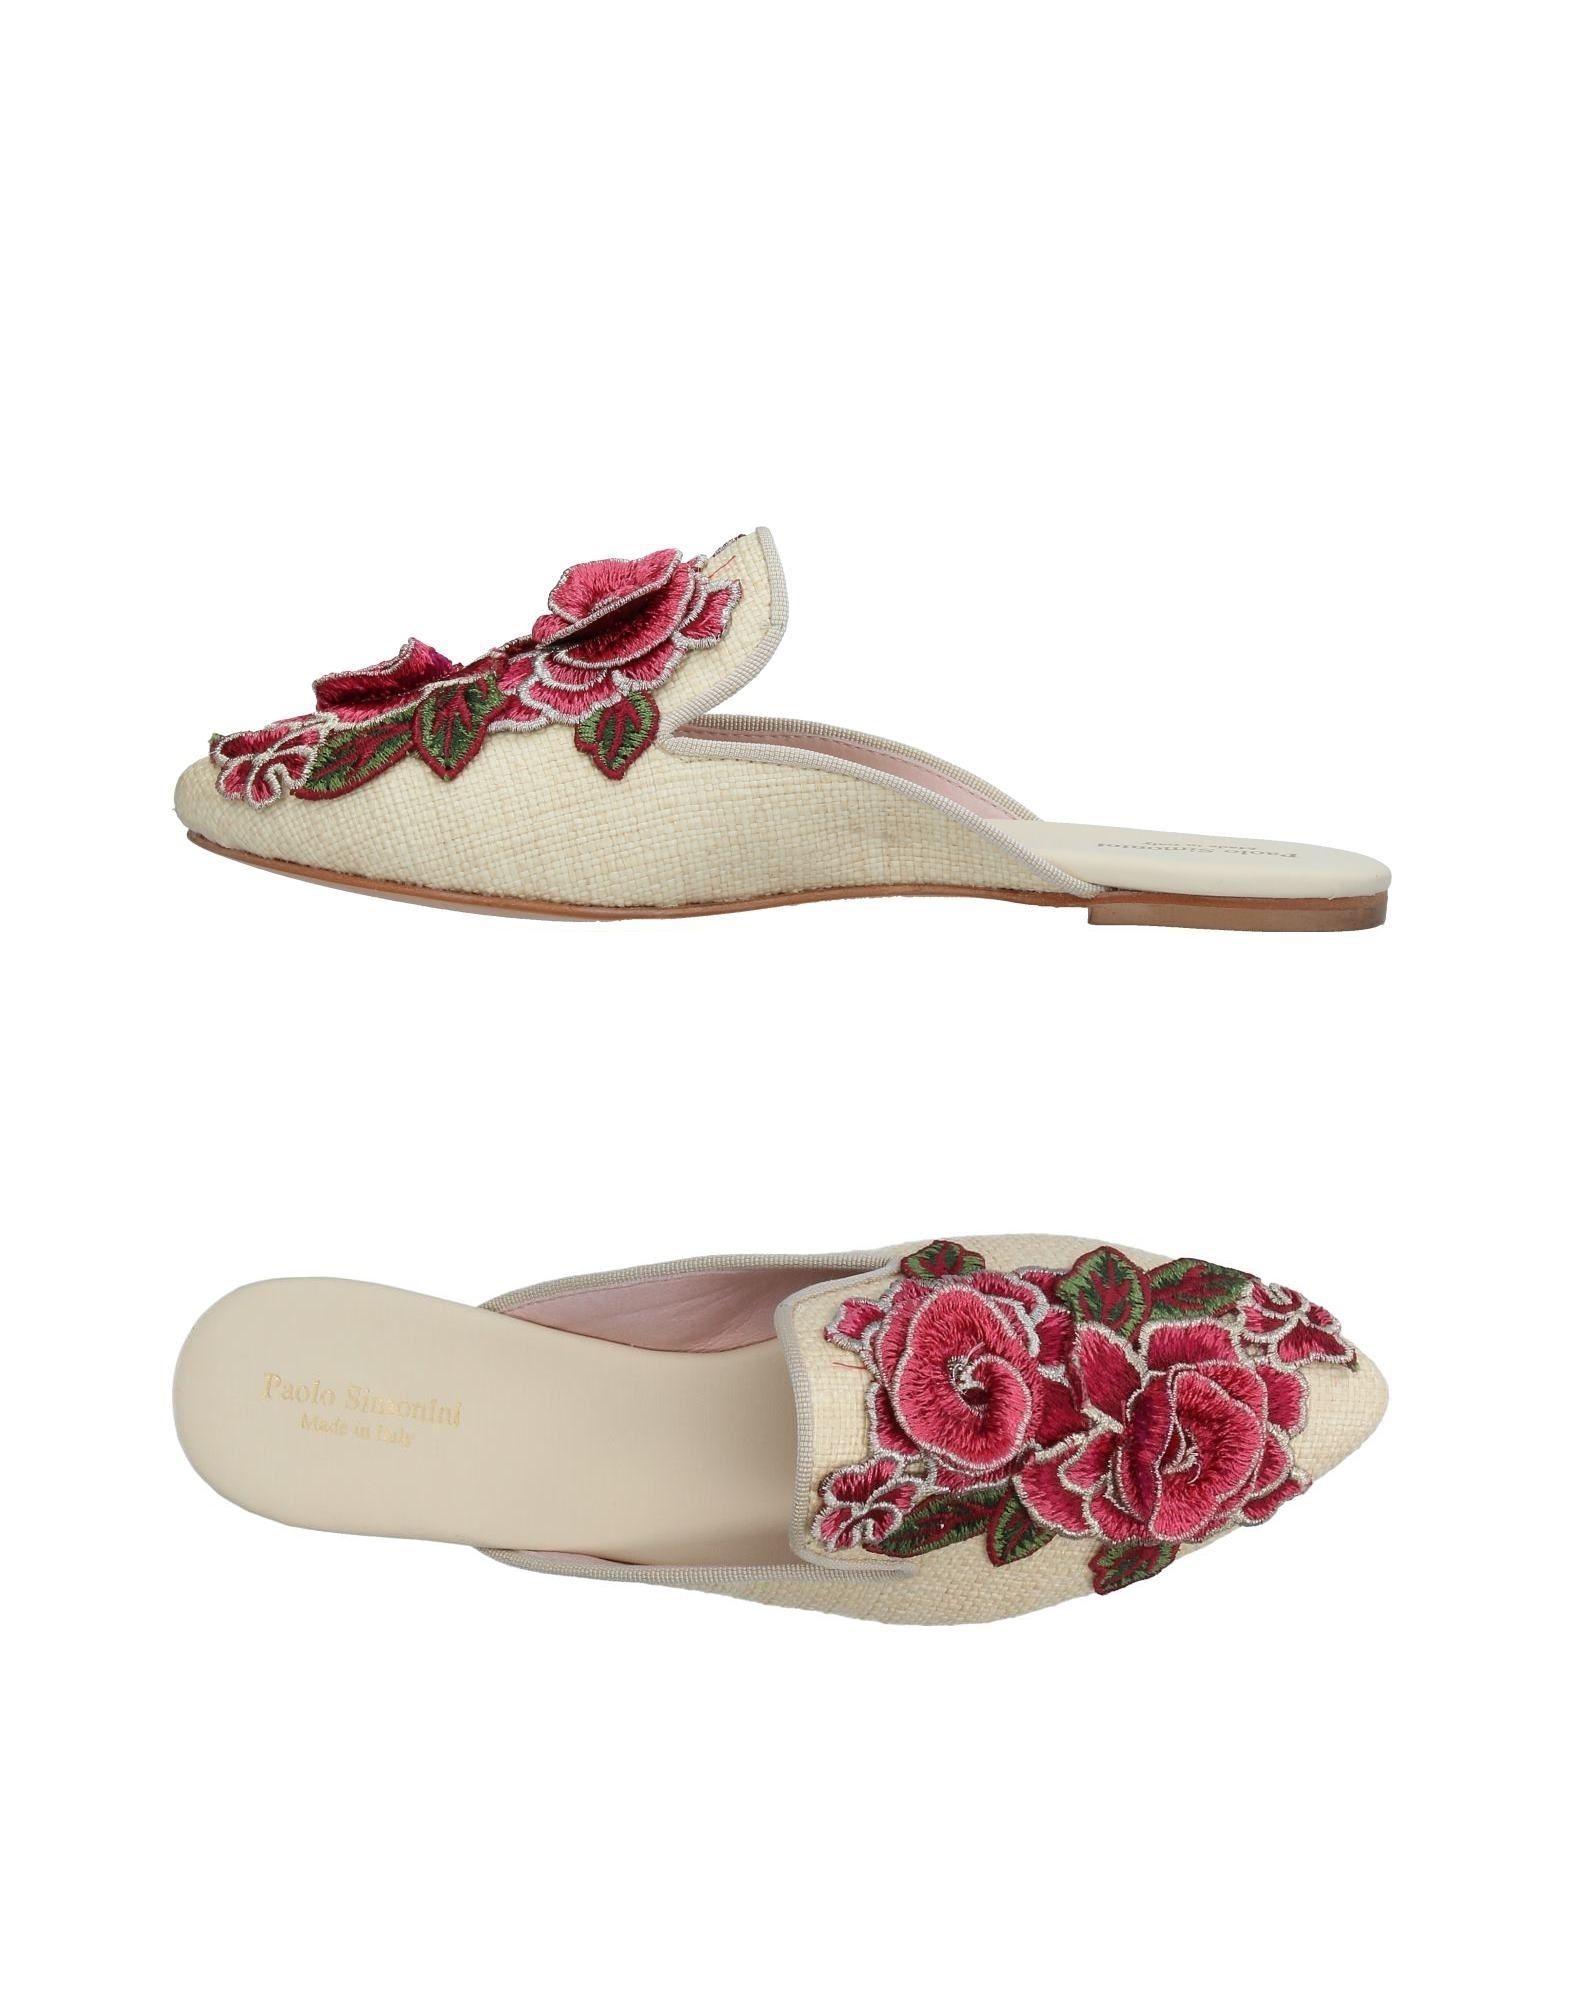 Paolo Simonini Pantoletten Damen  11375842QW Gute Qualität beliebte Schuhe